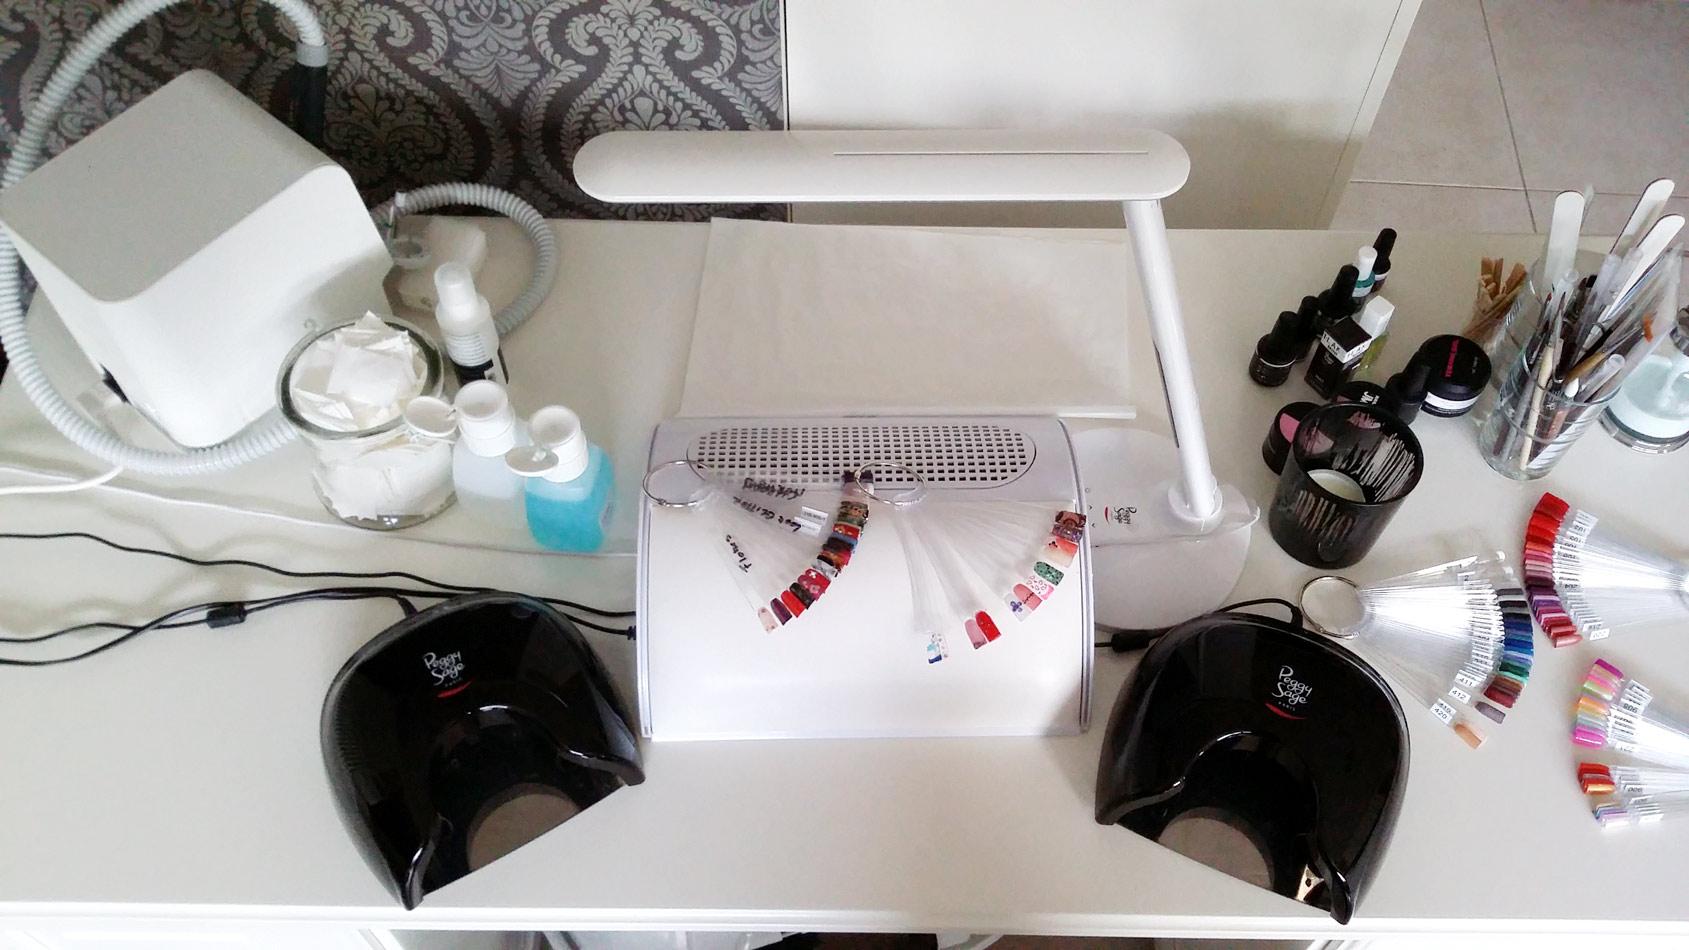 Beauty Nails Anja - Nagelstudio Anja 9750 Zingem Kruishoutem Oost-Vlaanderen nagelstyliste: professionele en verzorgende behandelingen van je nagels. Gelnagels, nailart, verzorgingsproducten en accessoires voor handen en voeten.